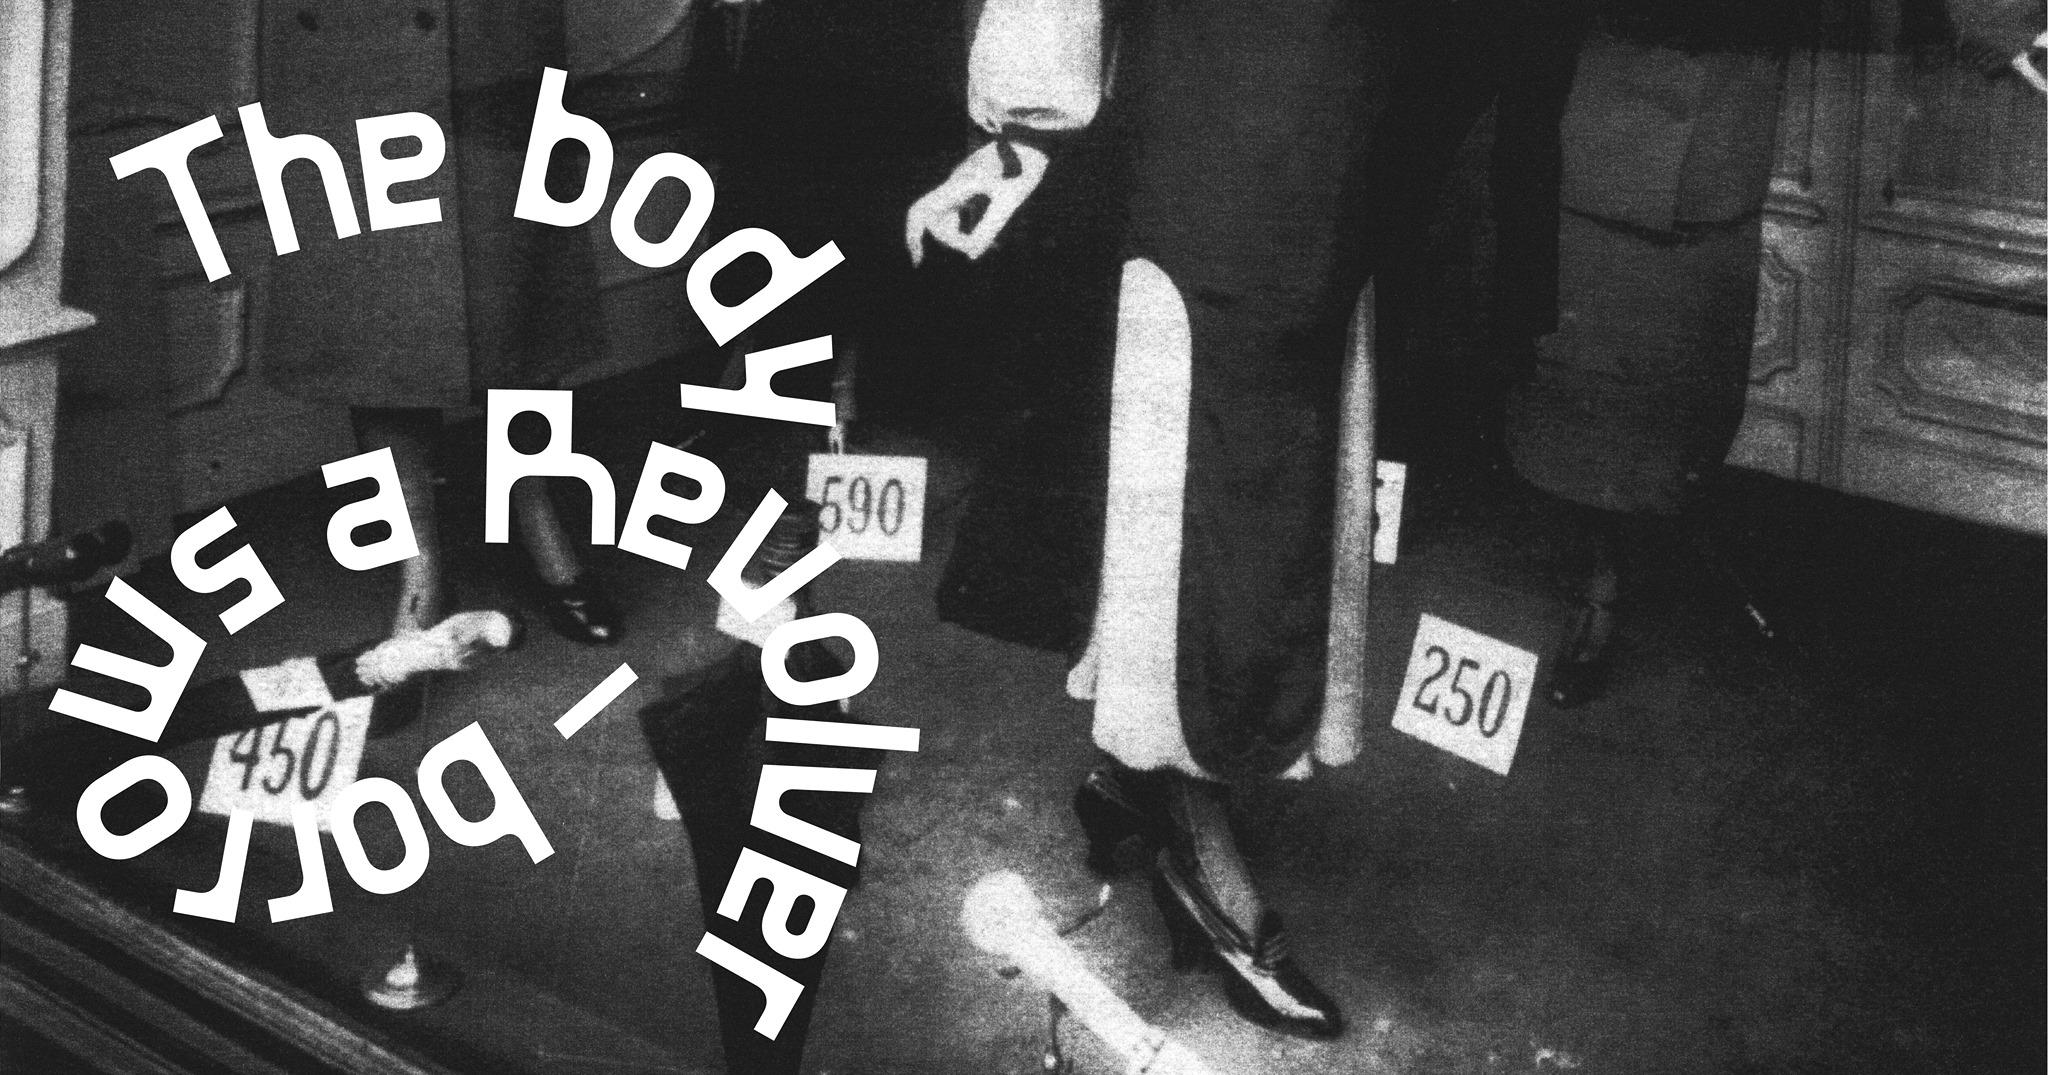 Exposição coletiva / group show: The body - borrows a Revolver